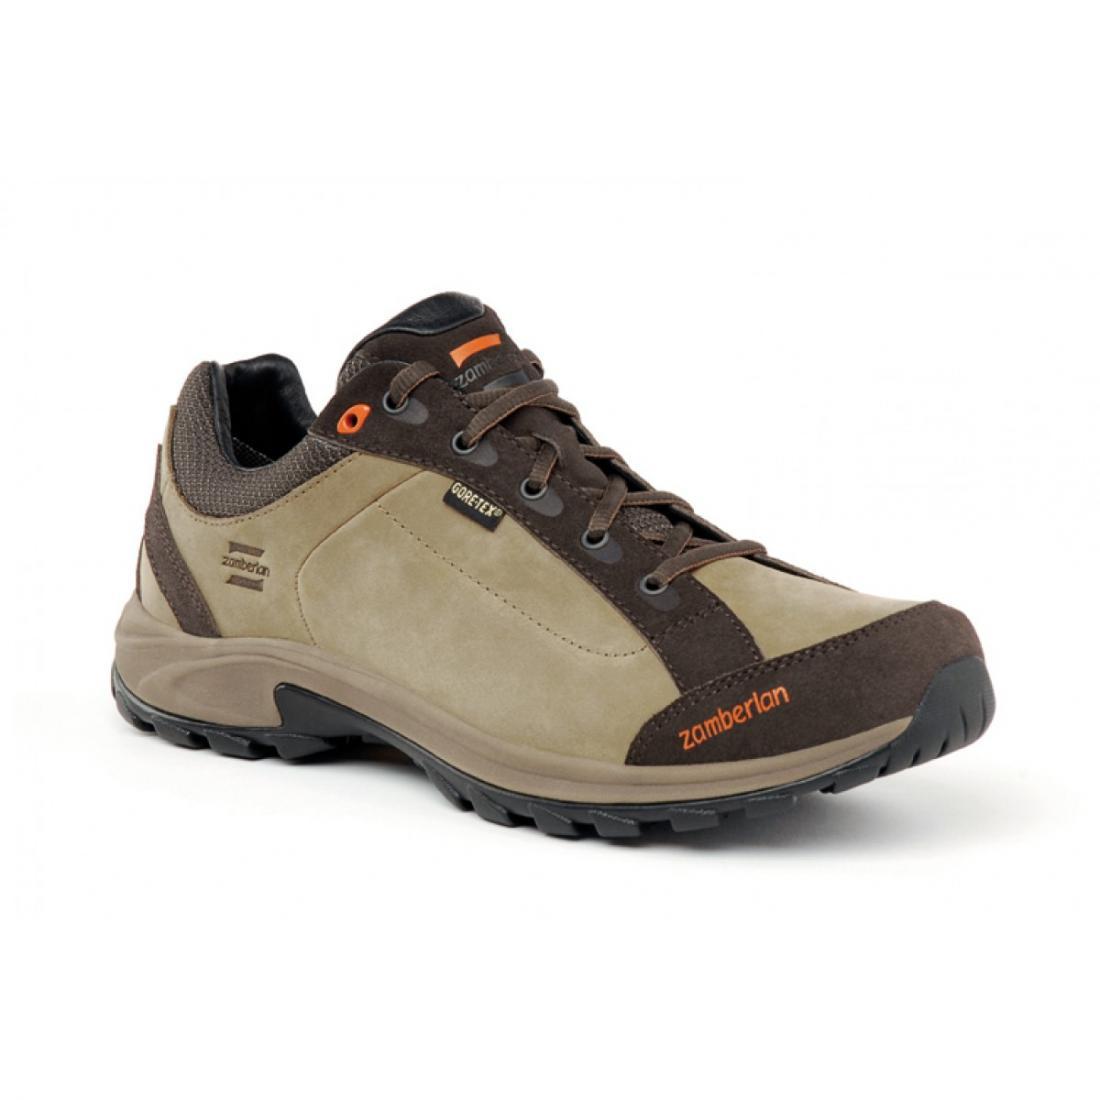 Ботинки 241 VISTA GTXТреккинговые<br><br><br>Цвет: Коричневый<br>Размер: 41.5